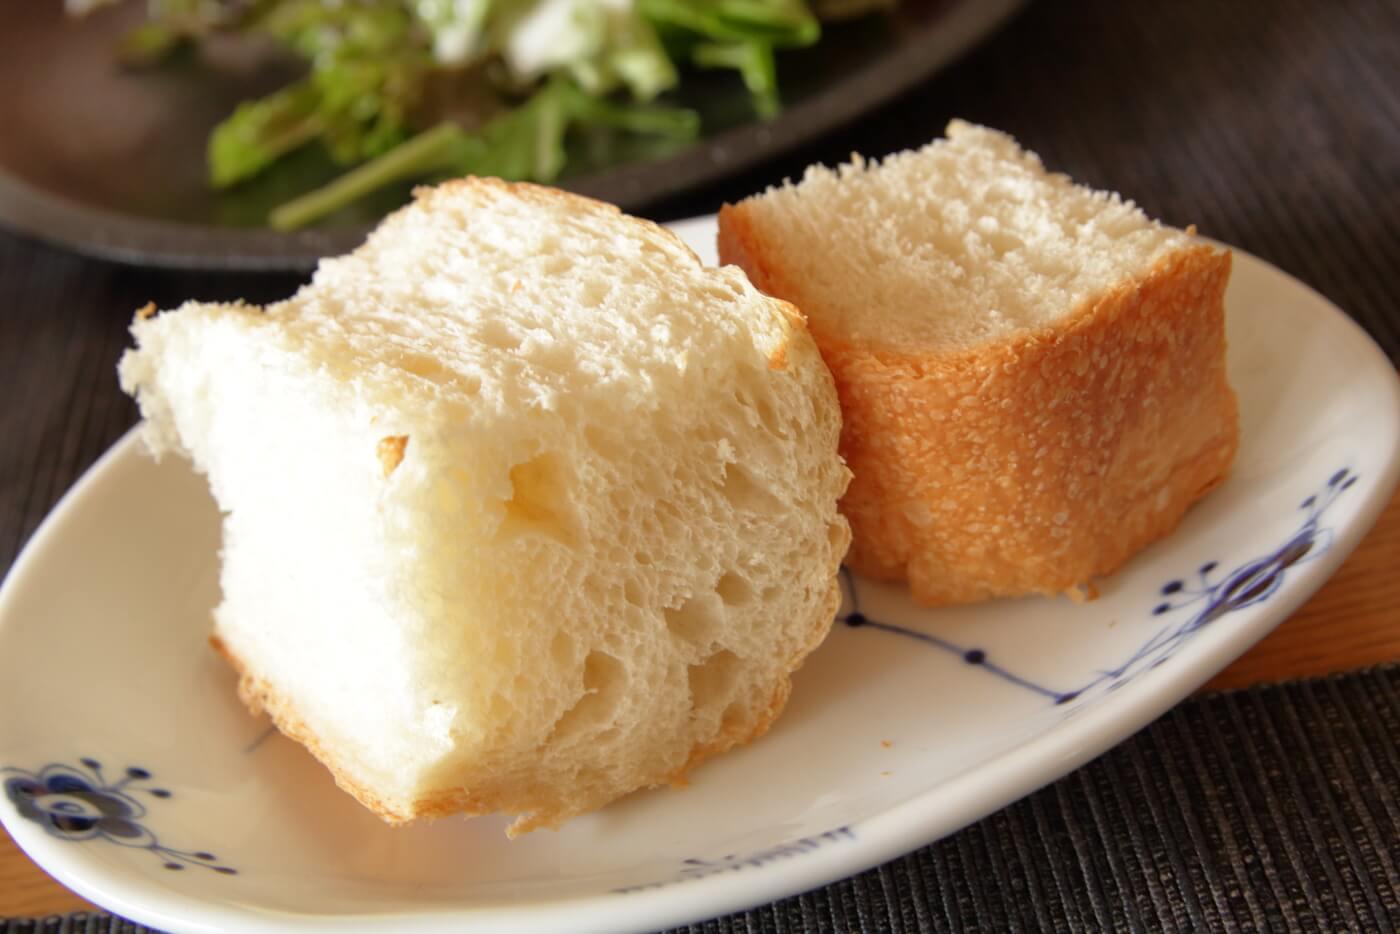 クッチーナ・サクラのランチ パン